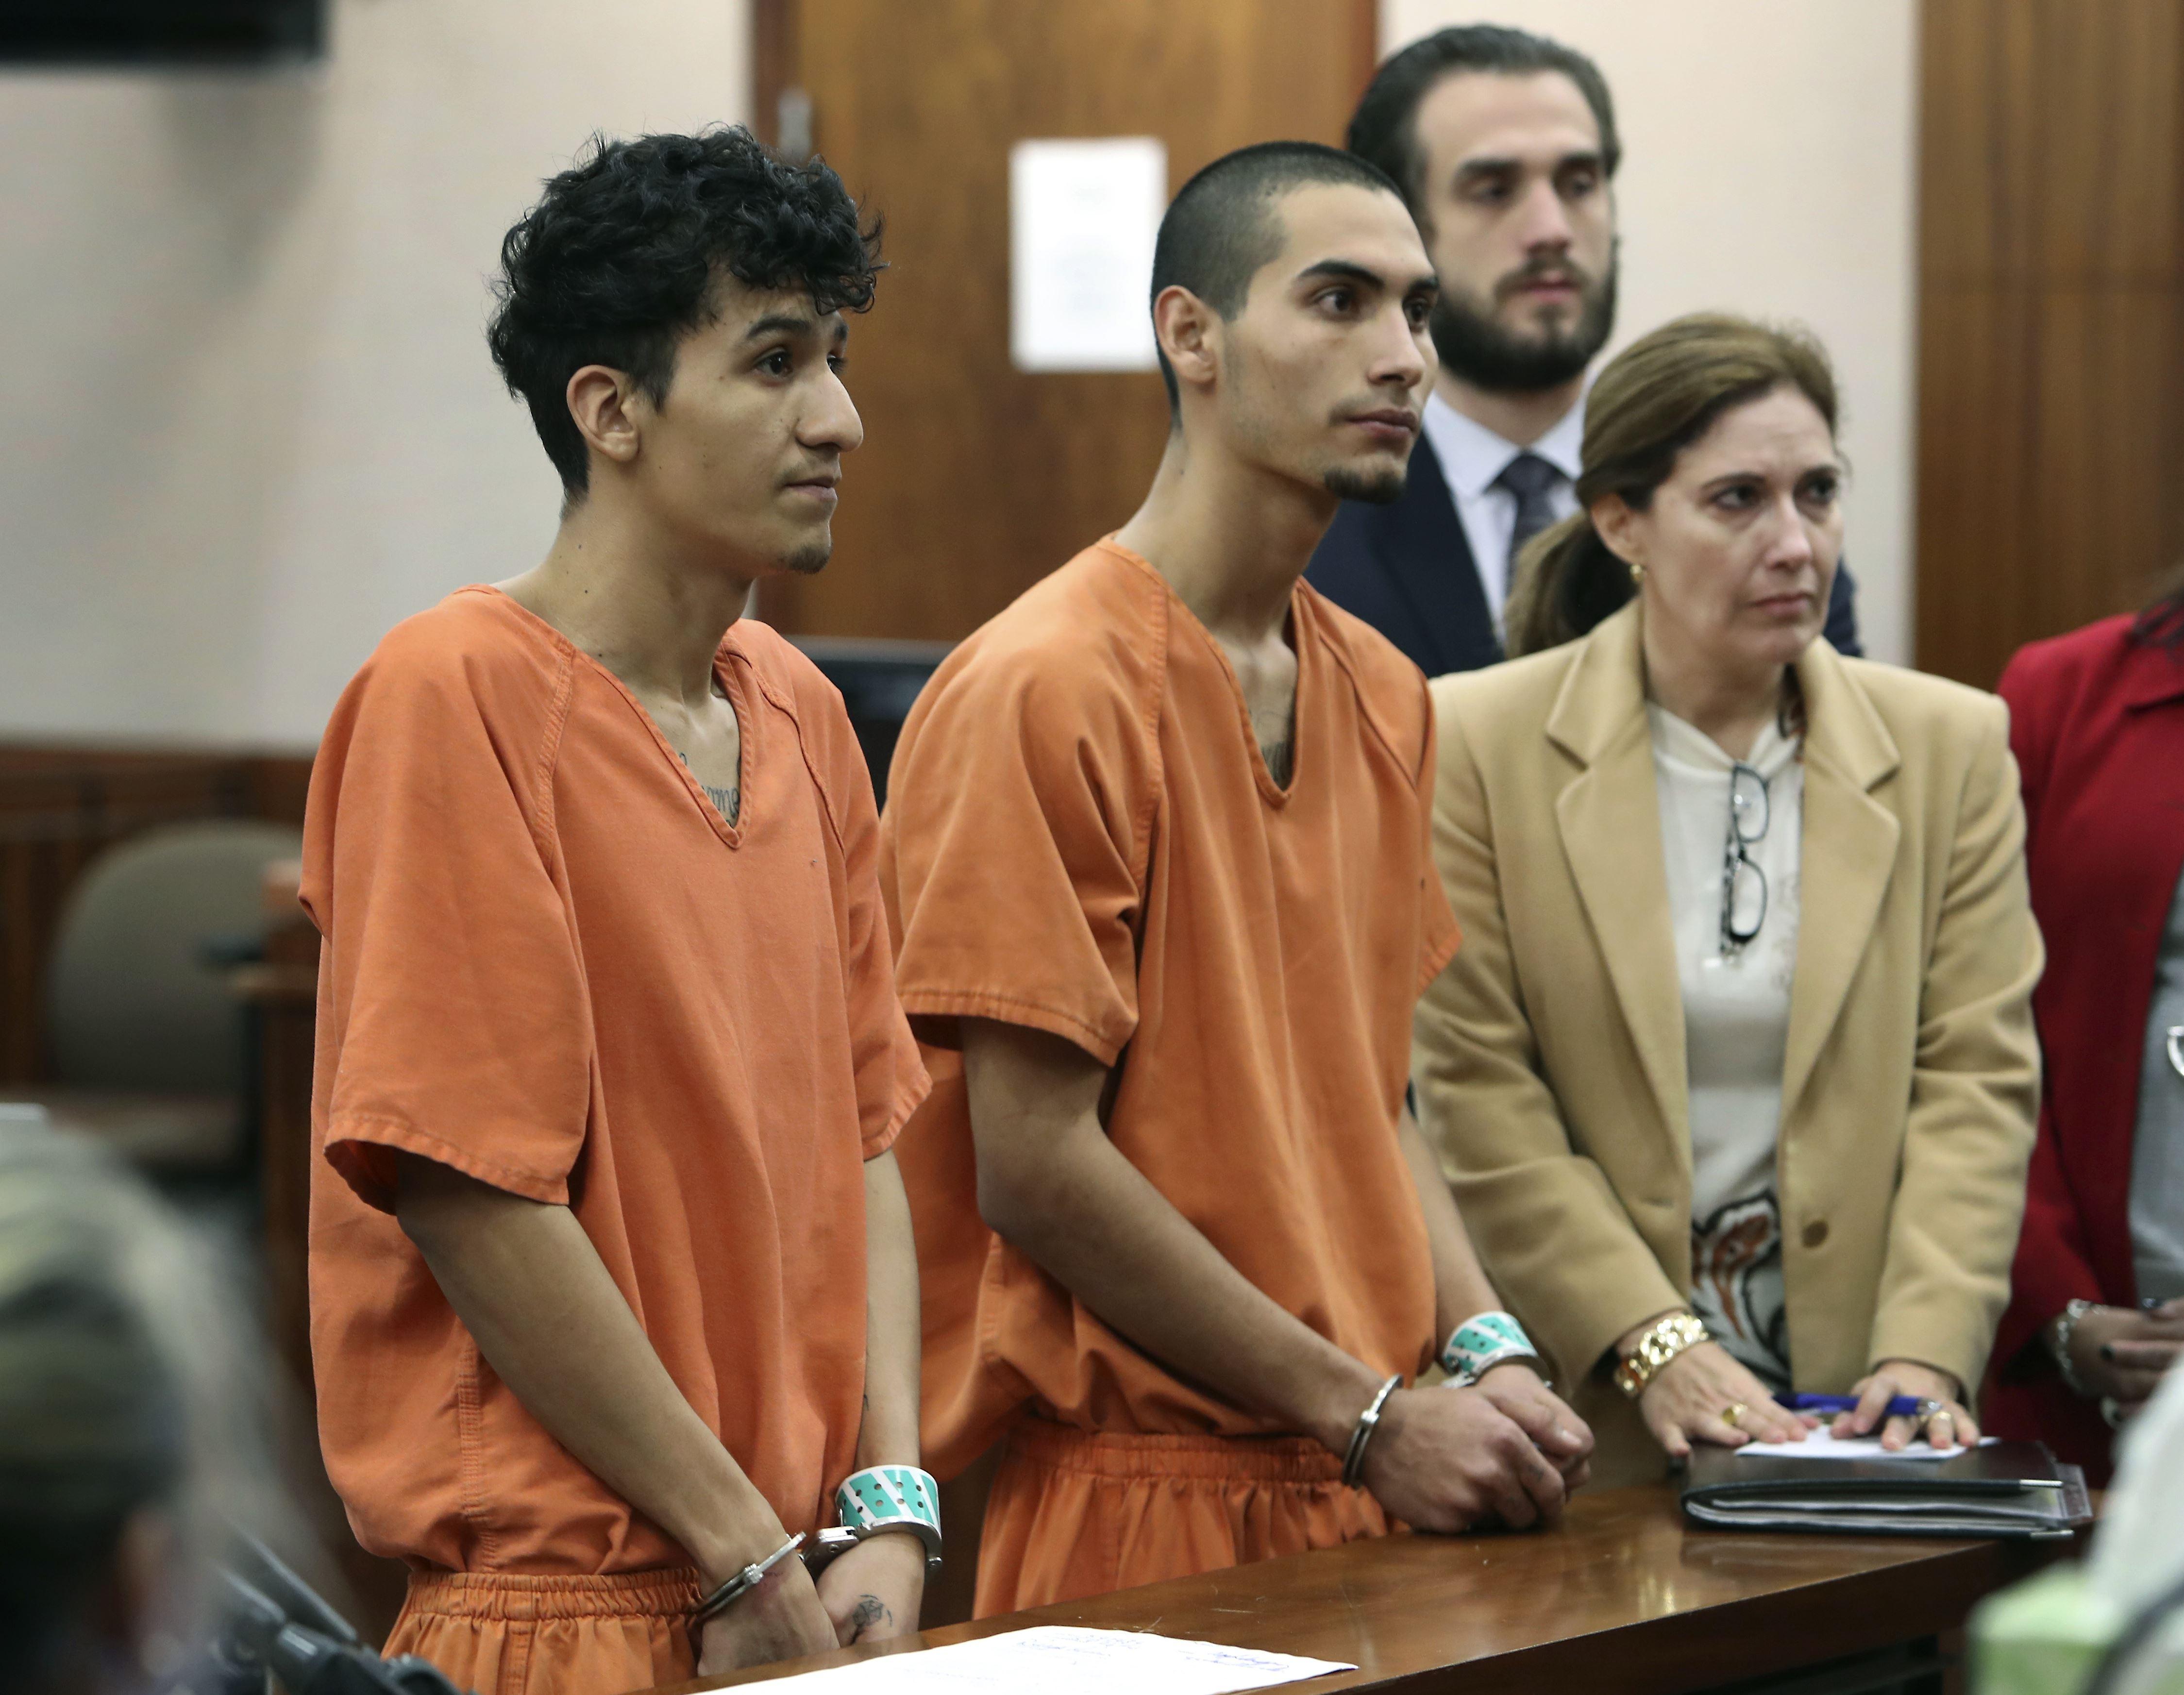 """453deb578108227f71b3c68006d421a2 - Un asesinato """"satánico"""": el cruel caso de violencia de la pandilla MS-13 que sacude a EE.UU."""